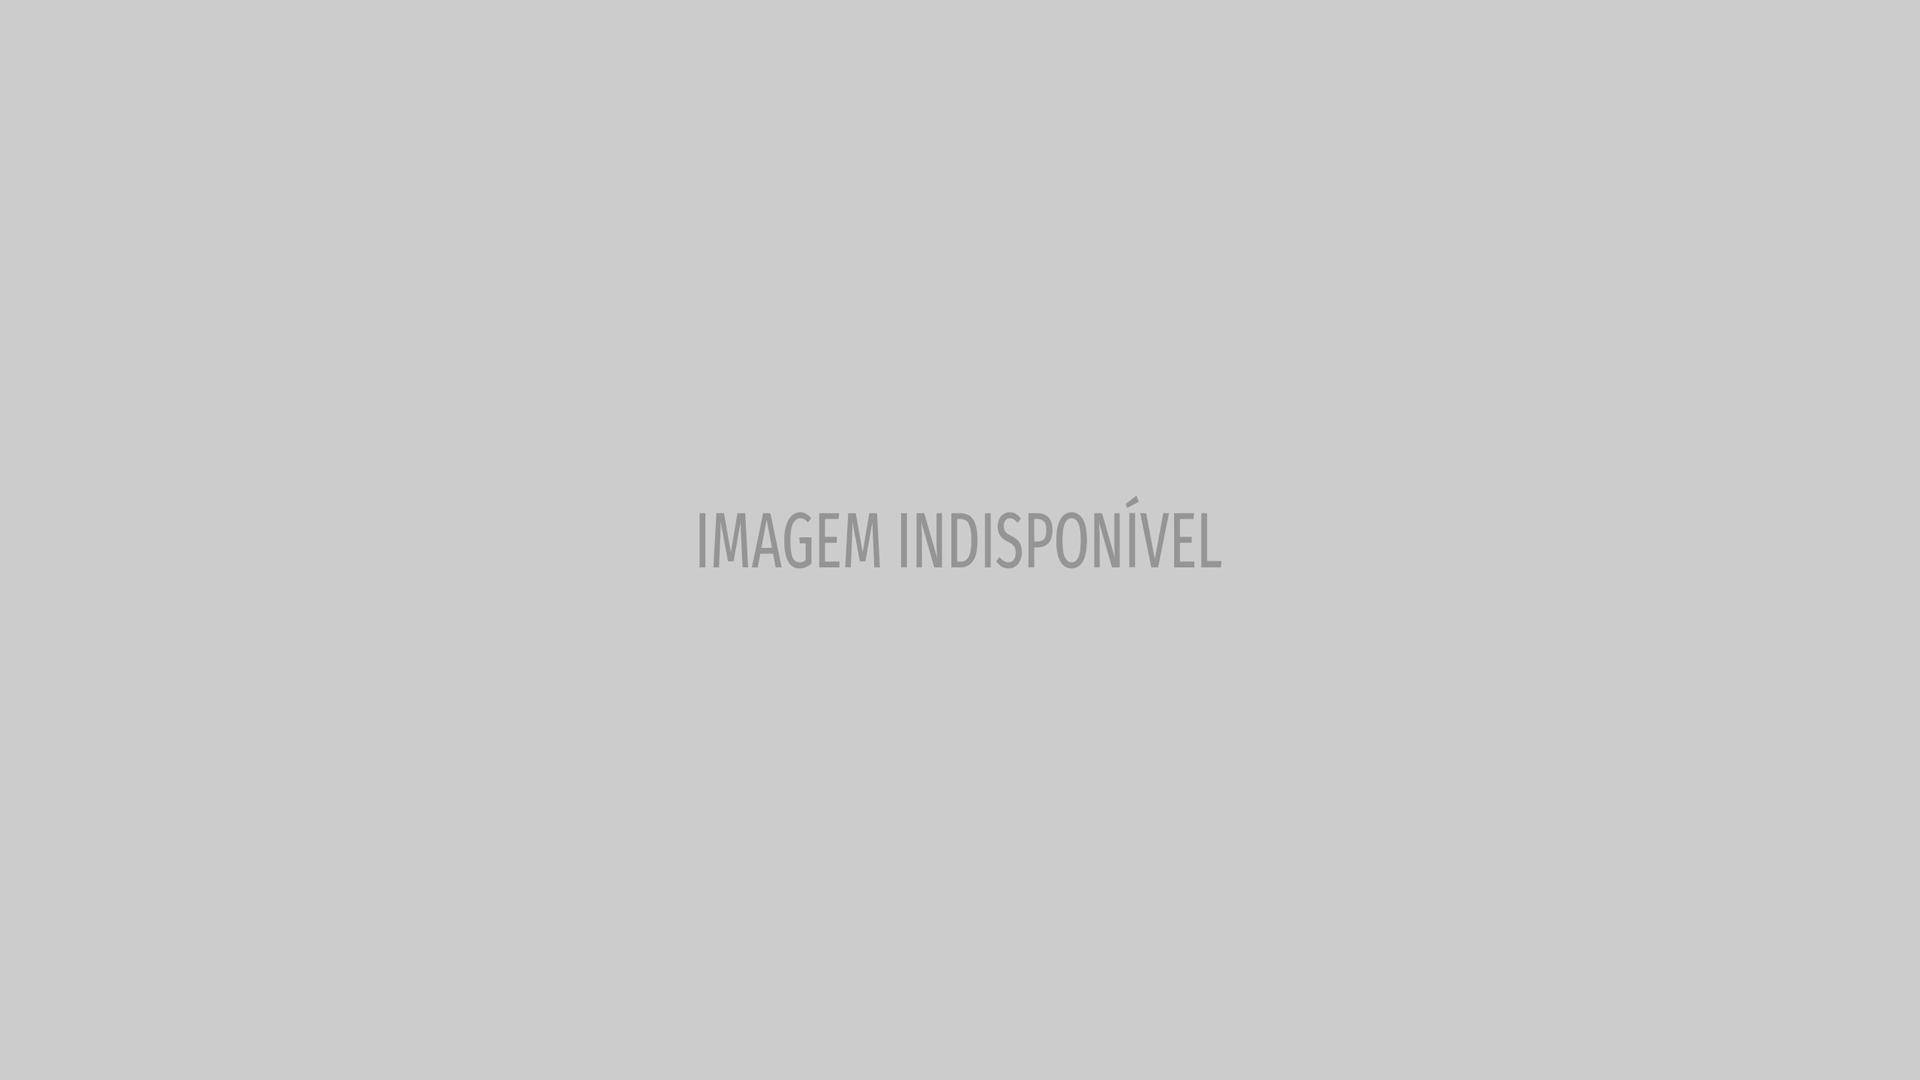 Namorado de Fátimarecebeu doação de empresa investigada na Lava Jato